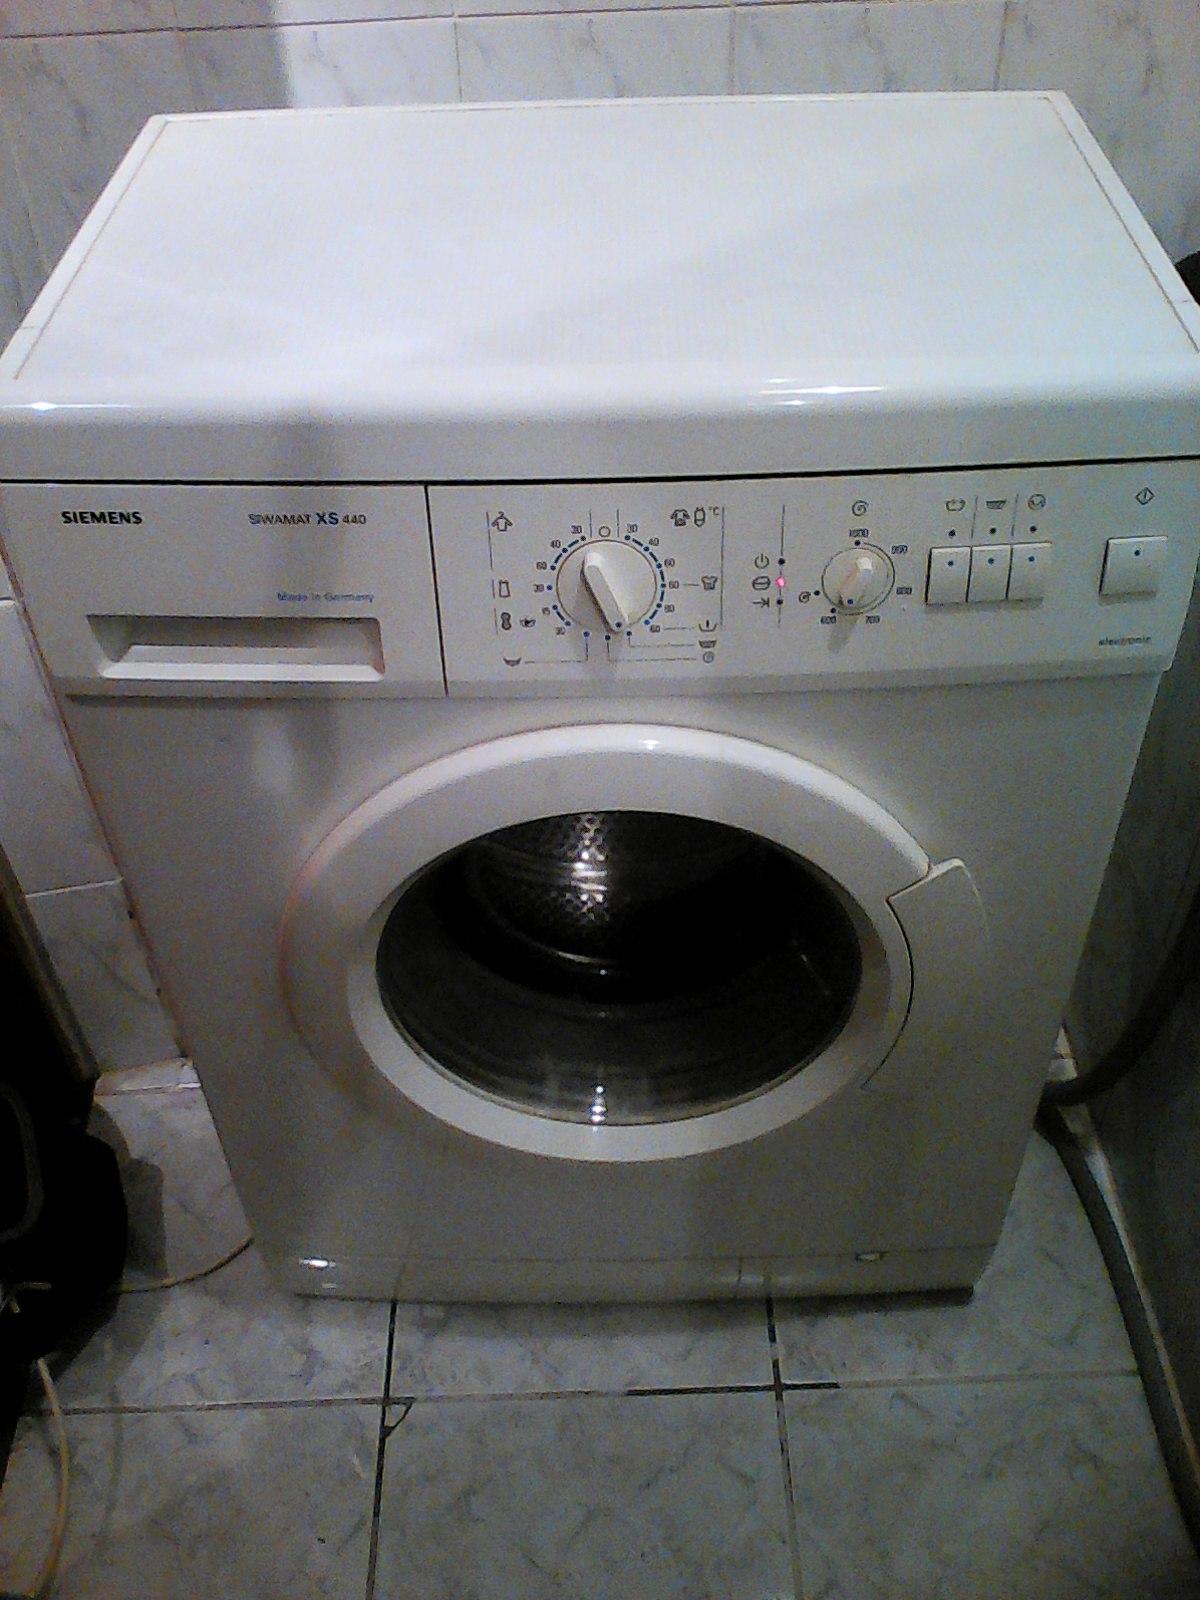 Автоматическая стиральная машина Siemens XS 440 Siwamat